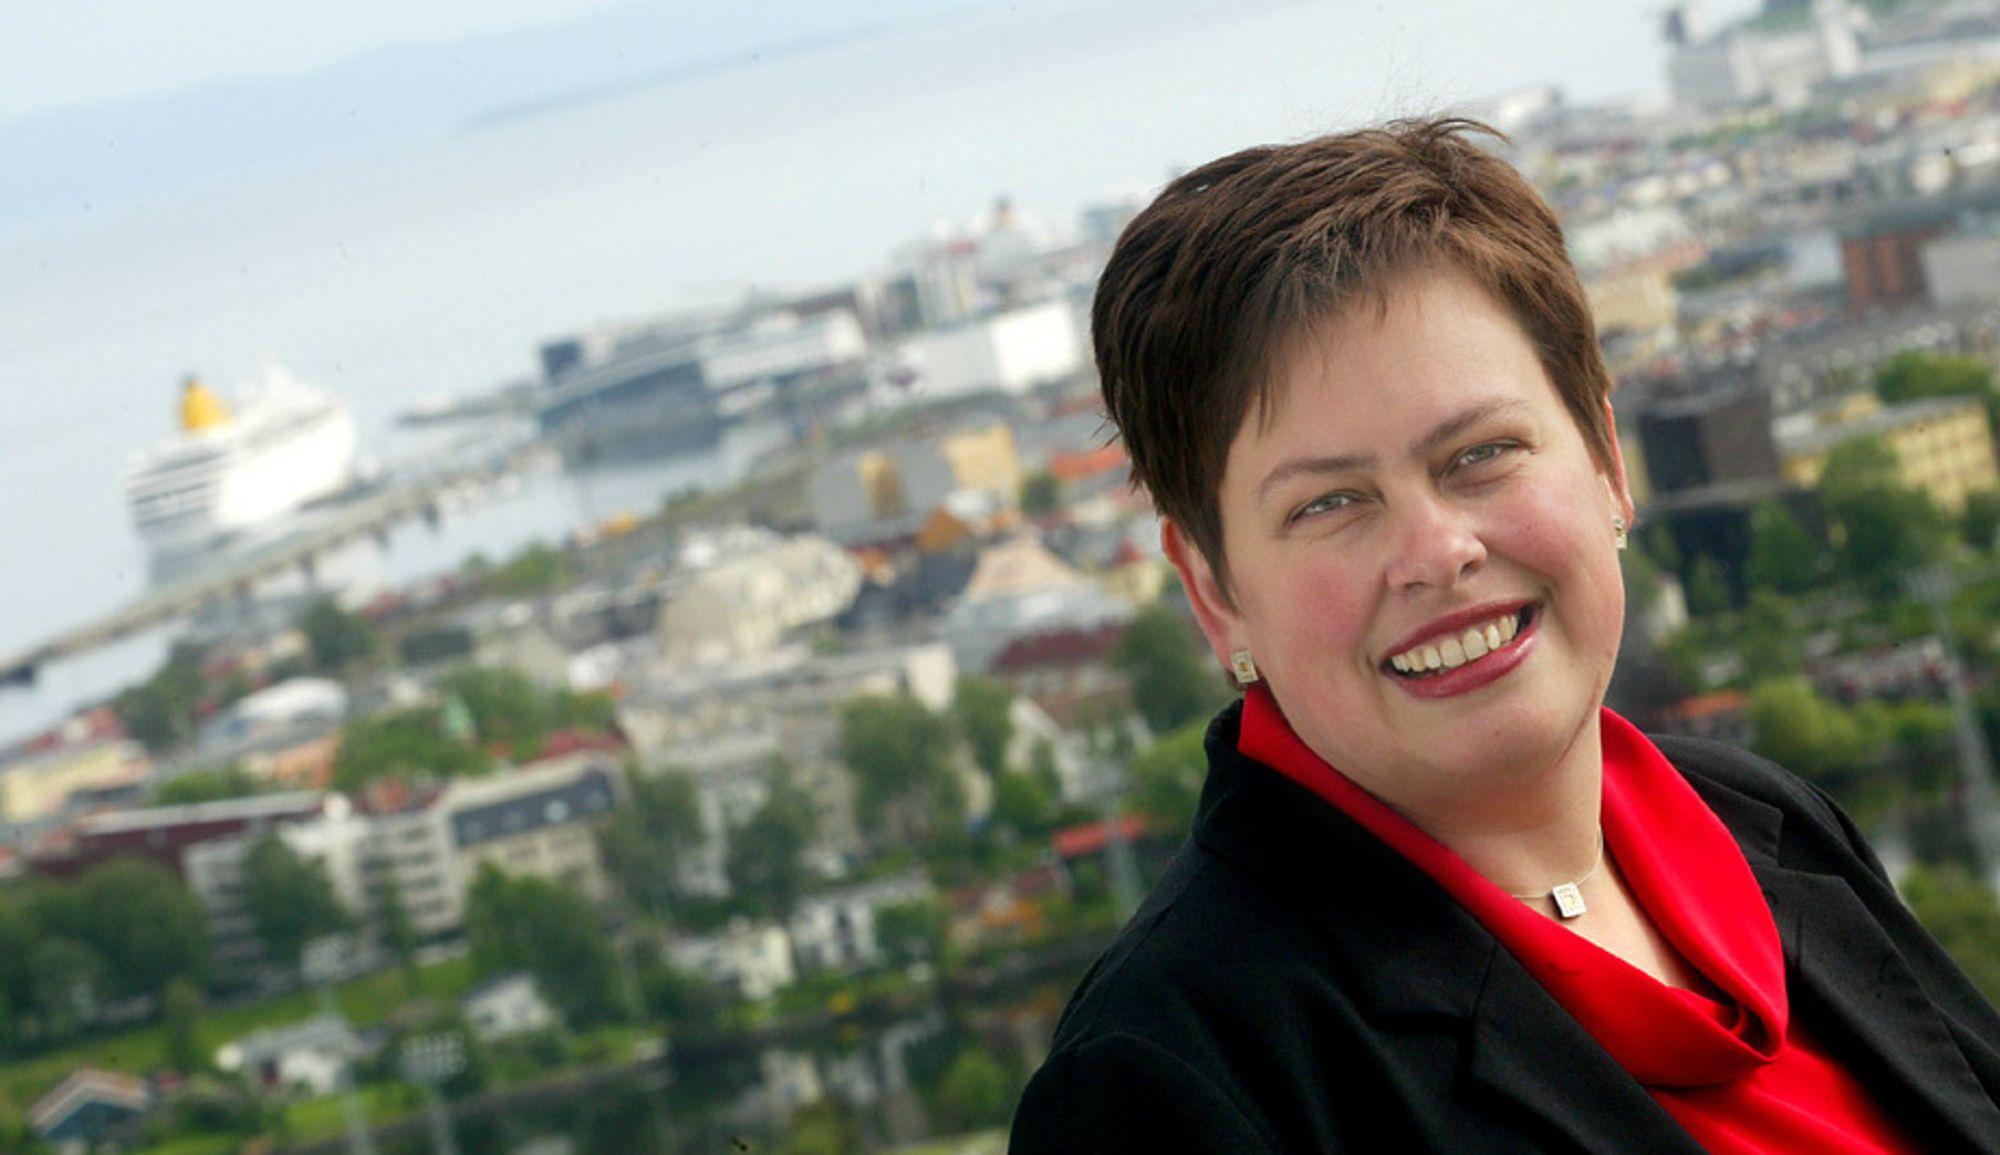 VIL IKKE SNAKKE: Trondheimsordfører Rita Ottervik vil ikke snakke opp prisen på Trondheim energiverk.